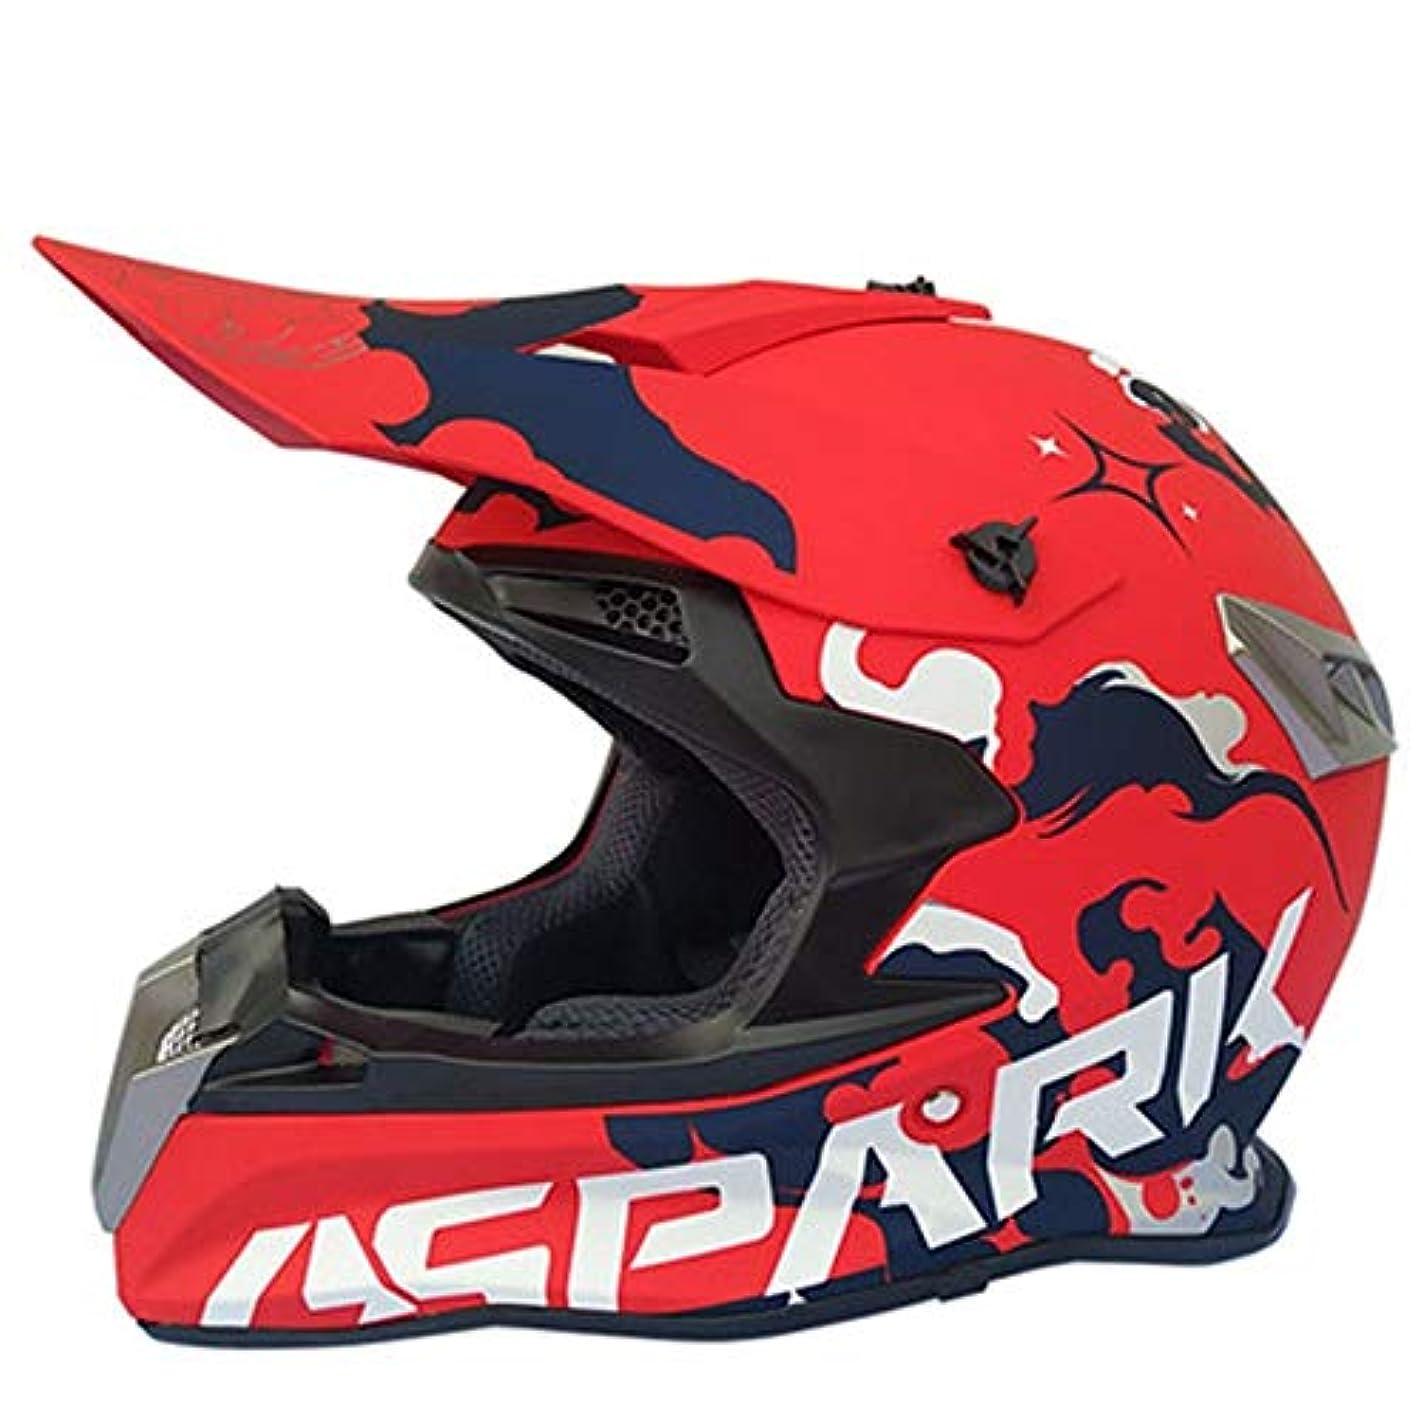 イノセンス祈る勃起HYH 赤青灰色の専門のオートバイのヘルメットのモトクロスのヘルメットの機関車のヘルメットのヘルメットの完全な力のヘルメットのヘルメットのヘルメットの完全なヘルメットの多色のヘルメットの全適用範囲の四季普遍的な大きいヘルメット いい人生 (色 : Red, Size : XL)